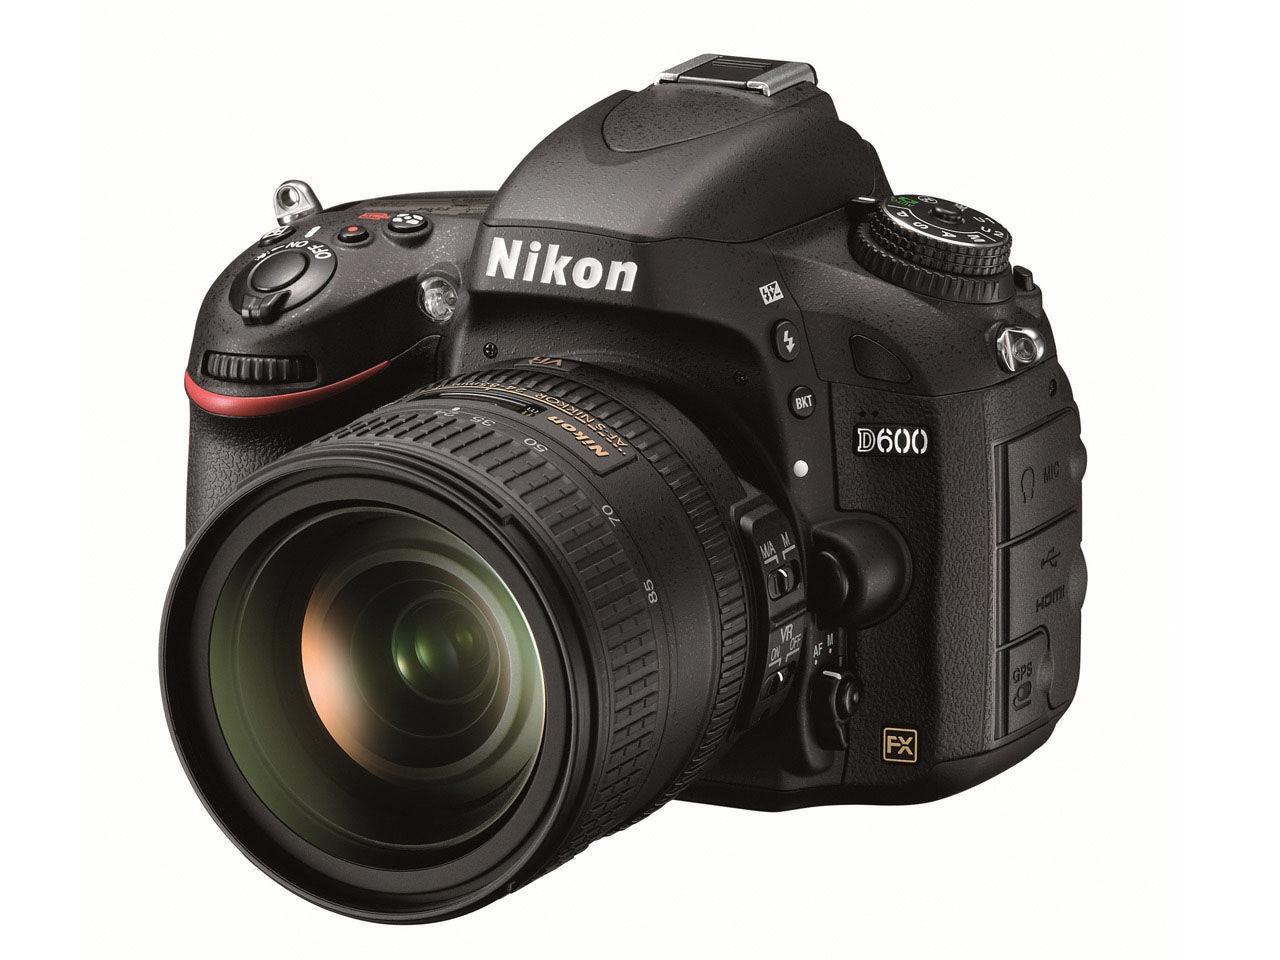 Nikon D600: